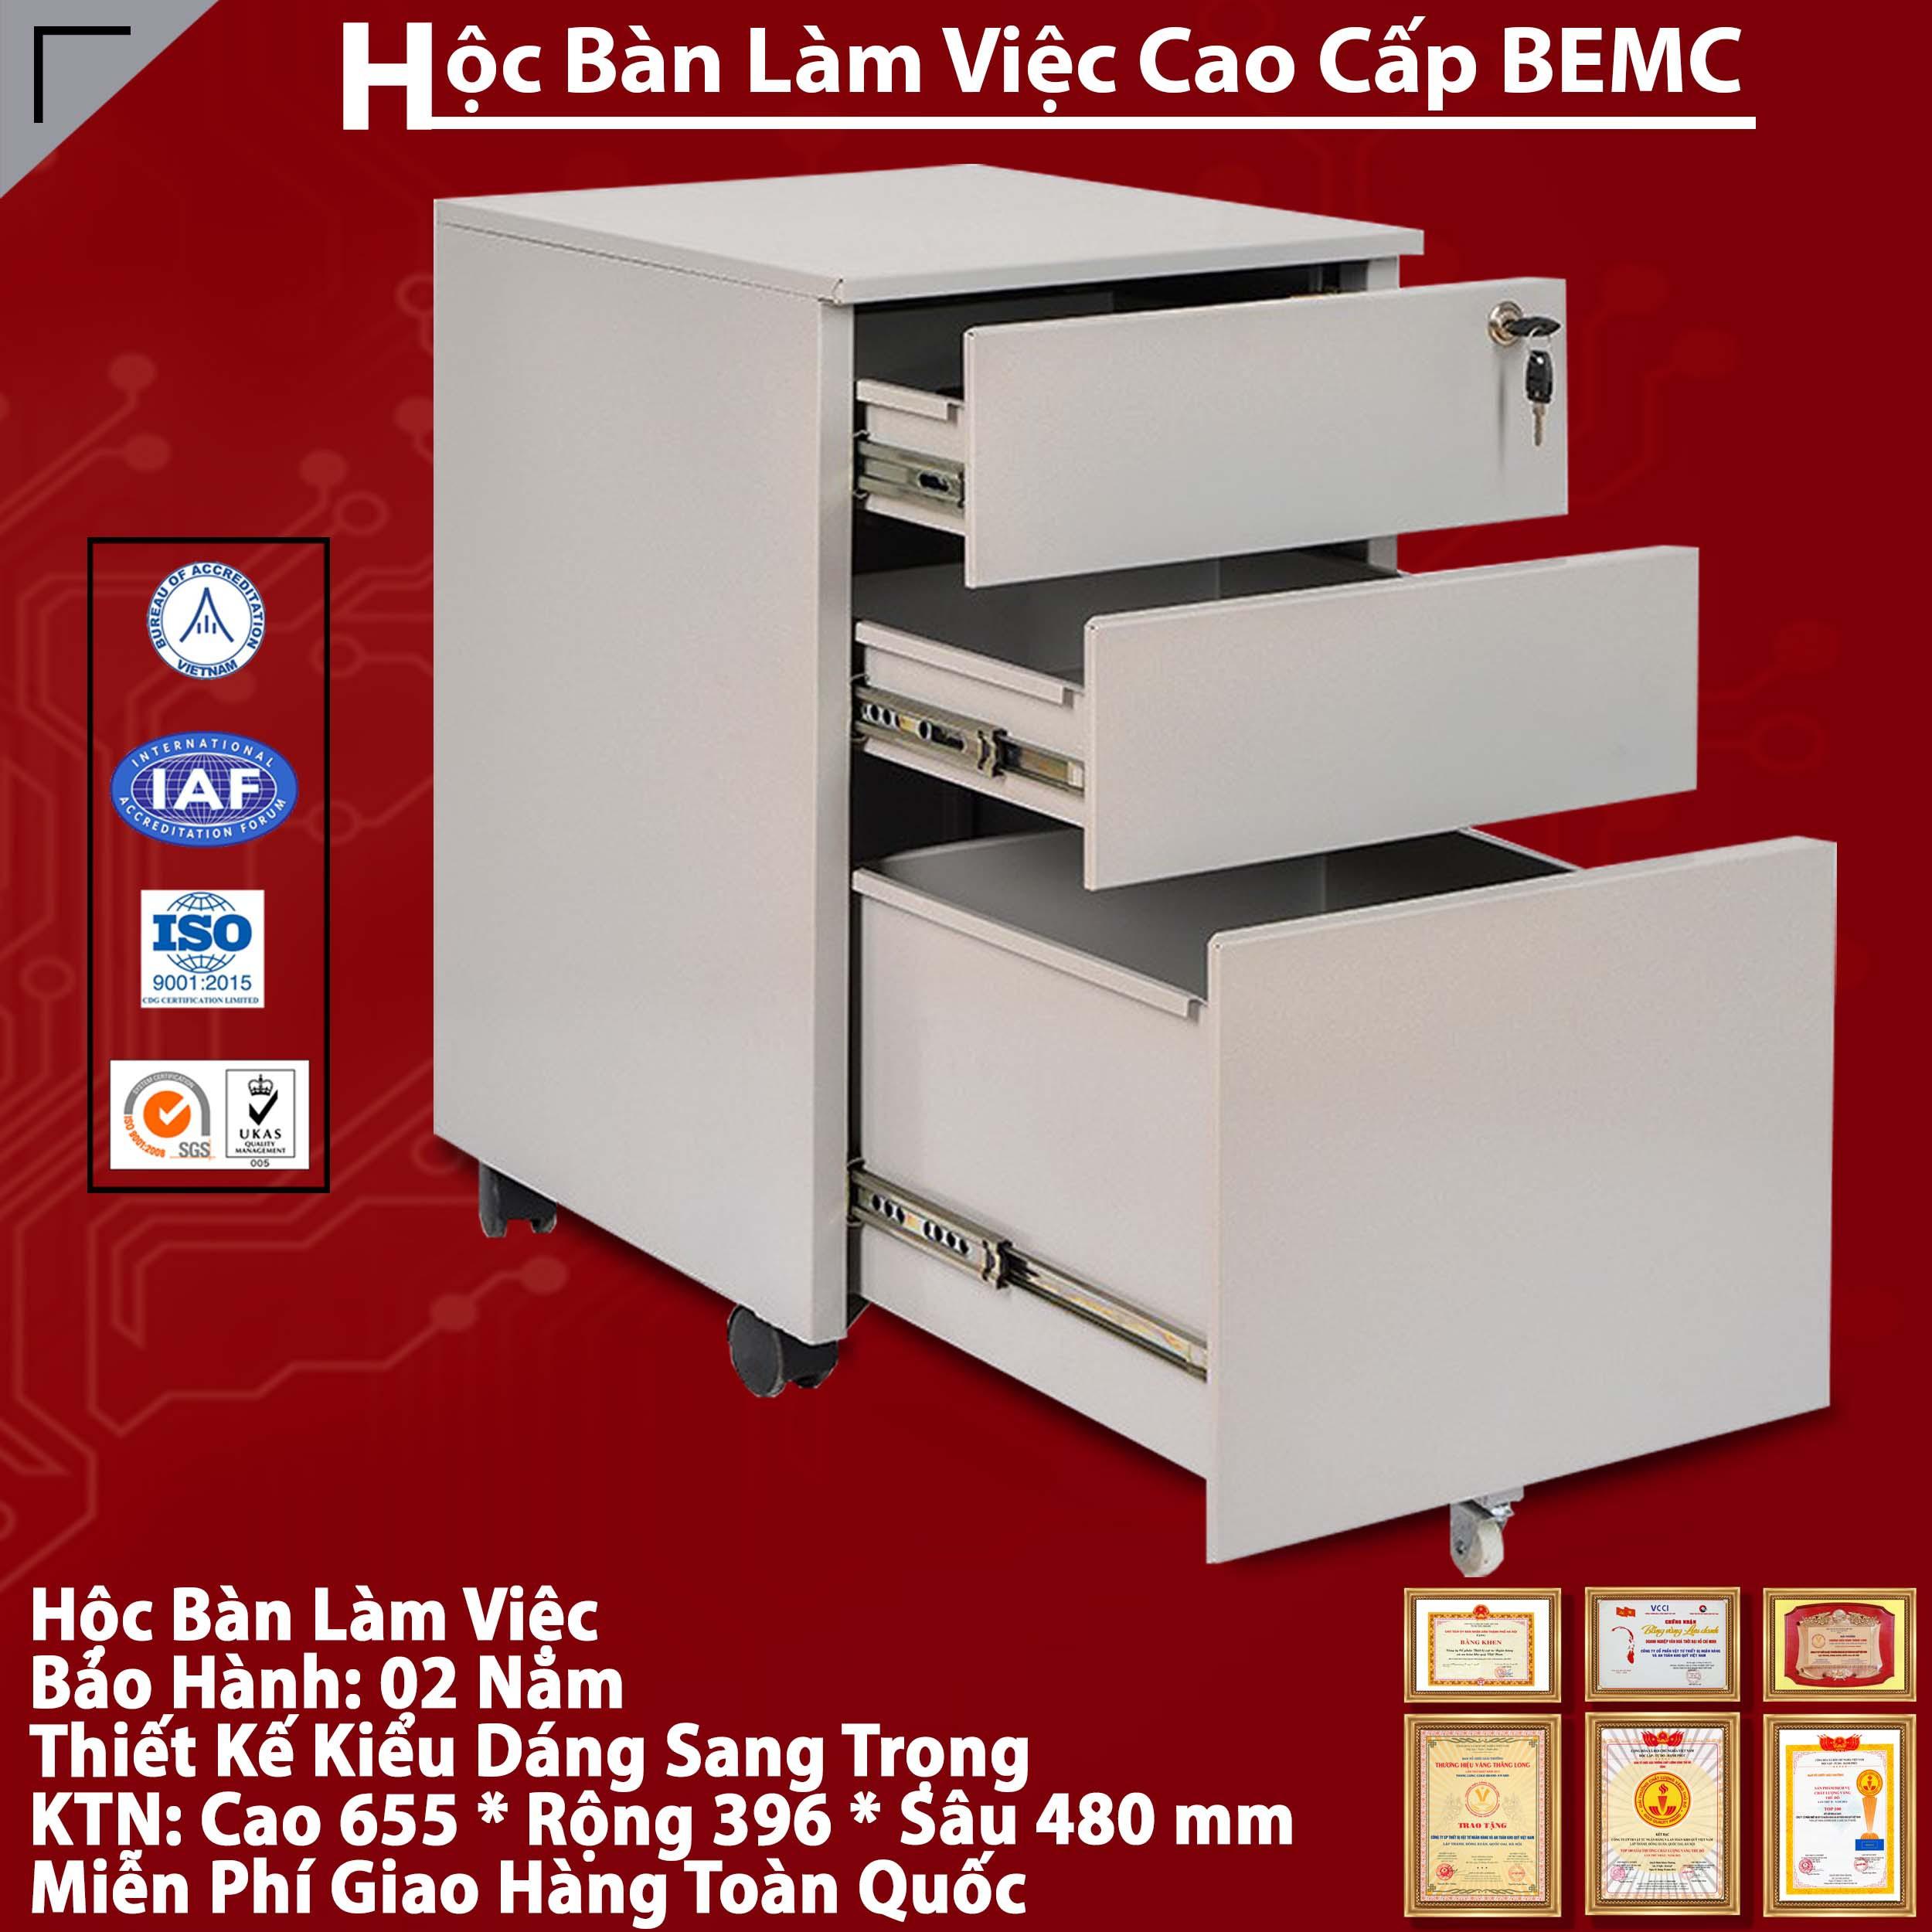 Hộc bàn làm việc di động bằng sắt BEMC - HS5